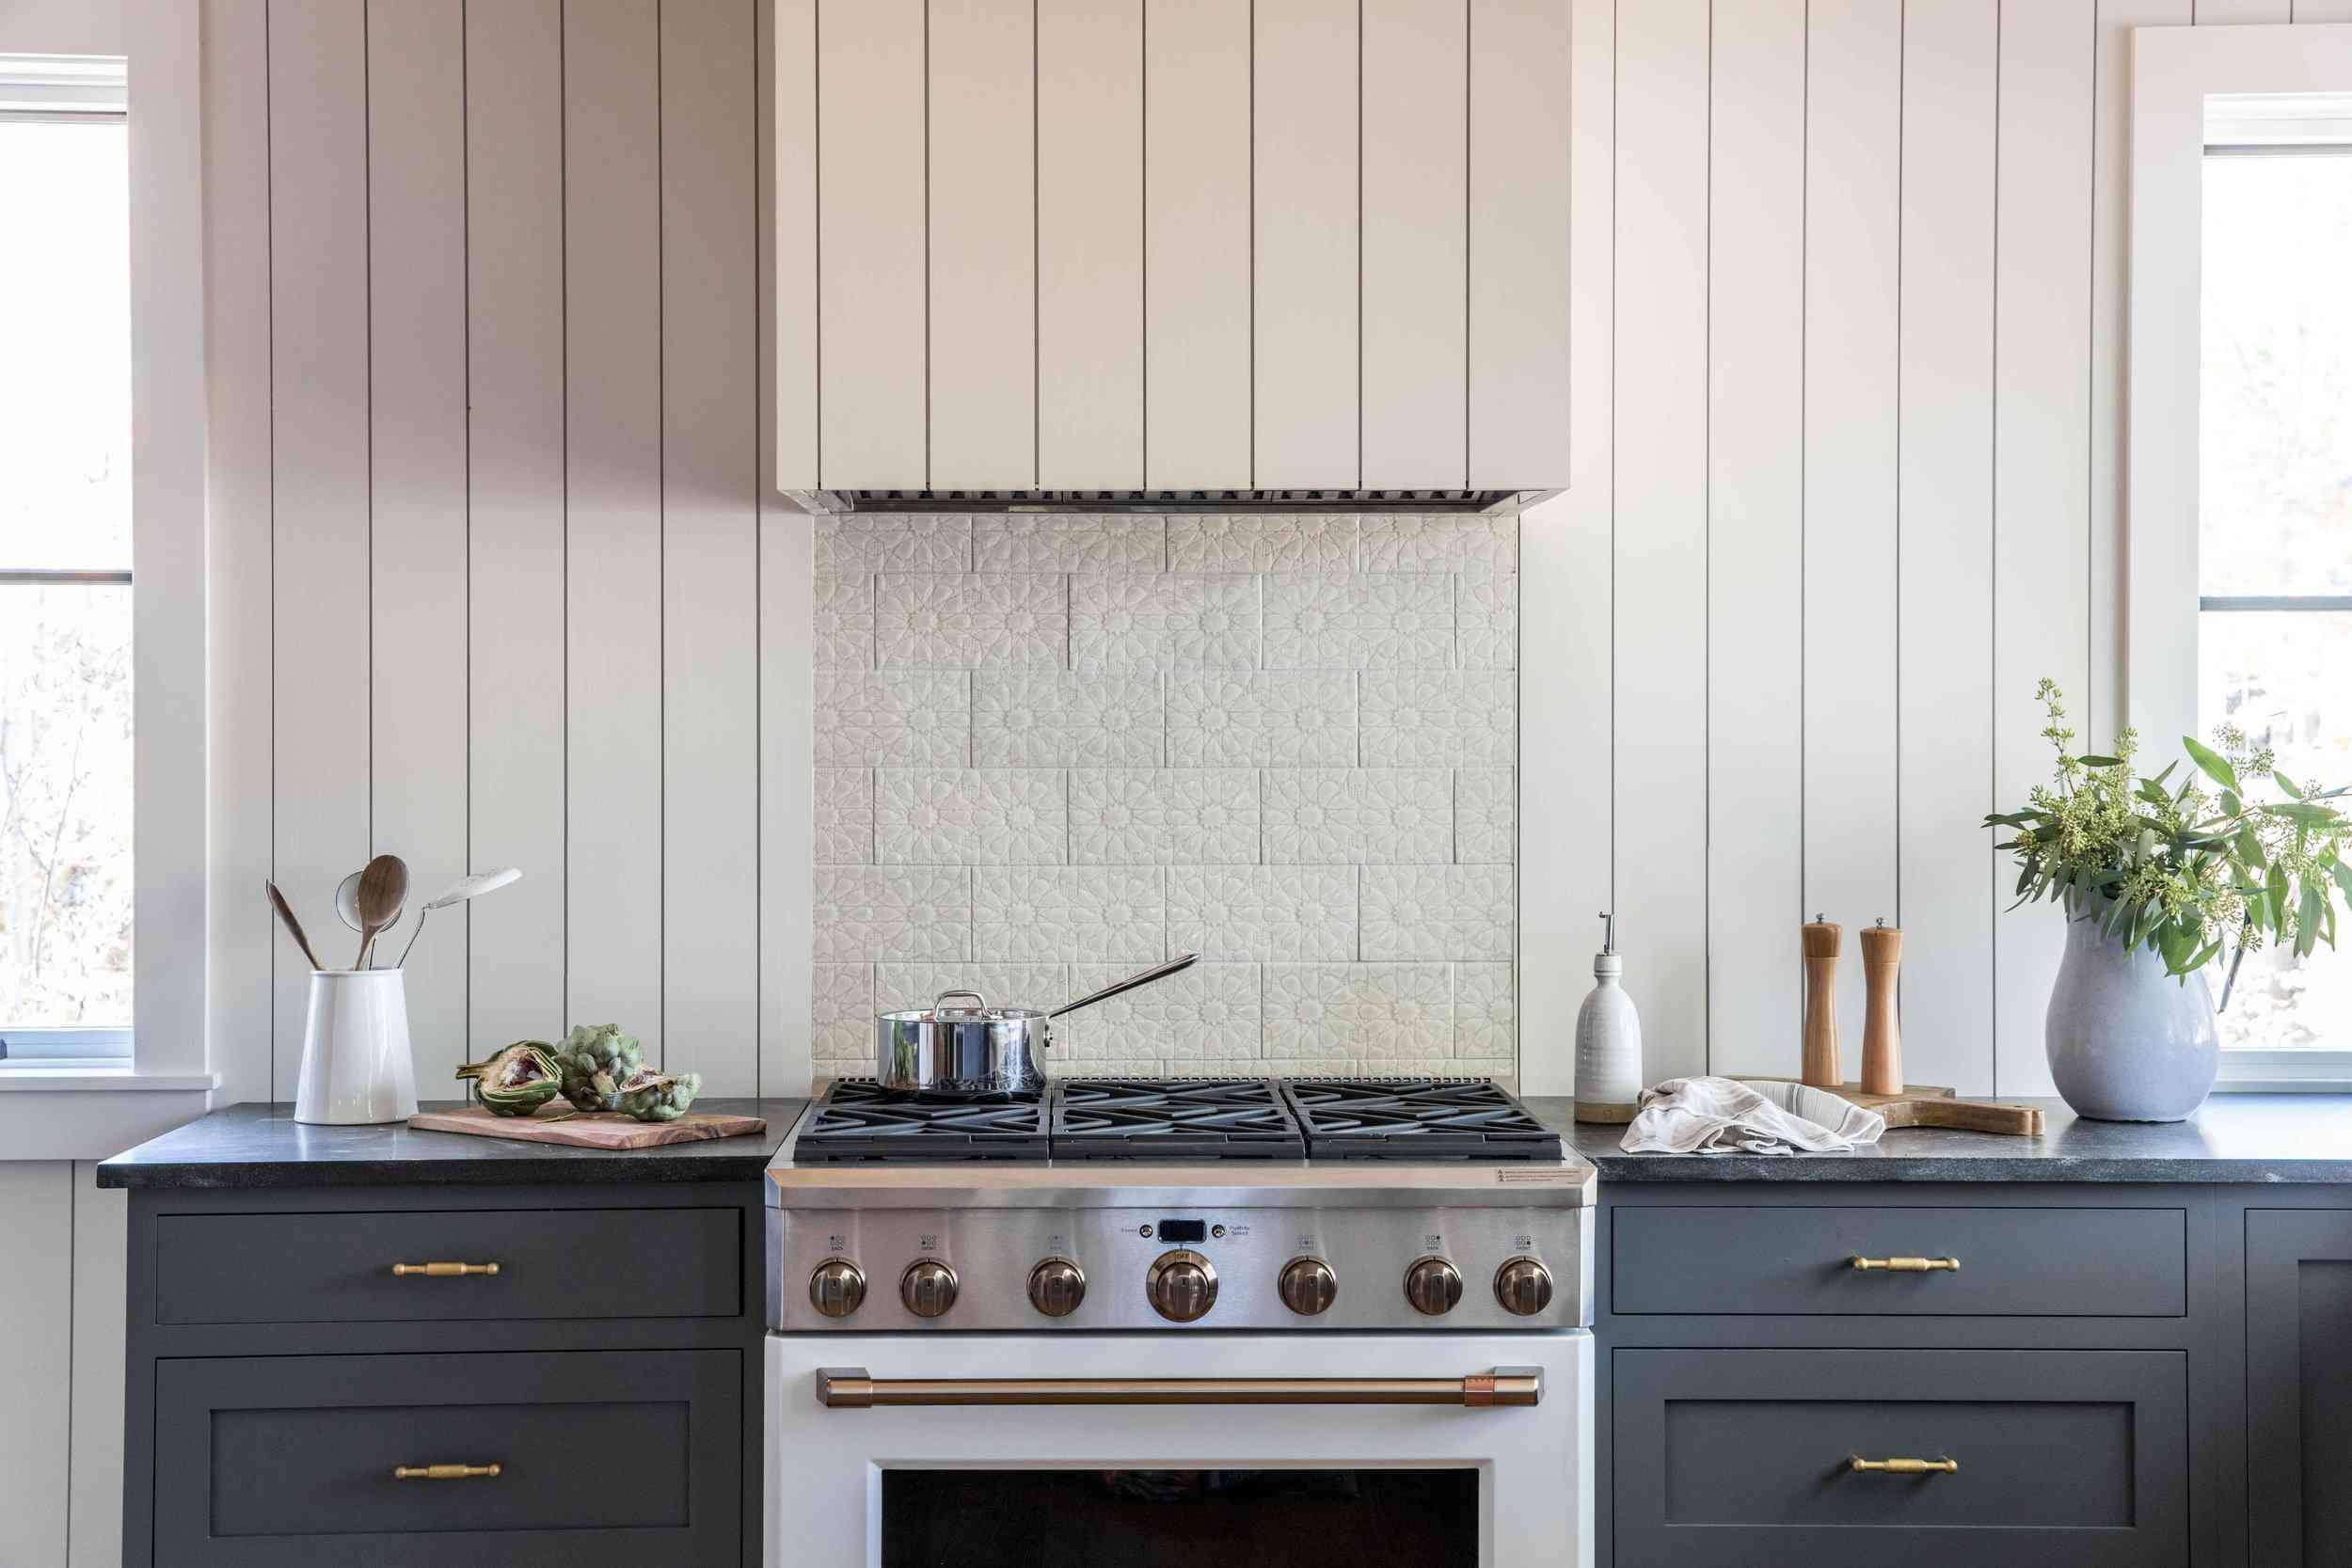 A kitchen with an ivory backsplash